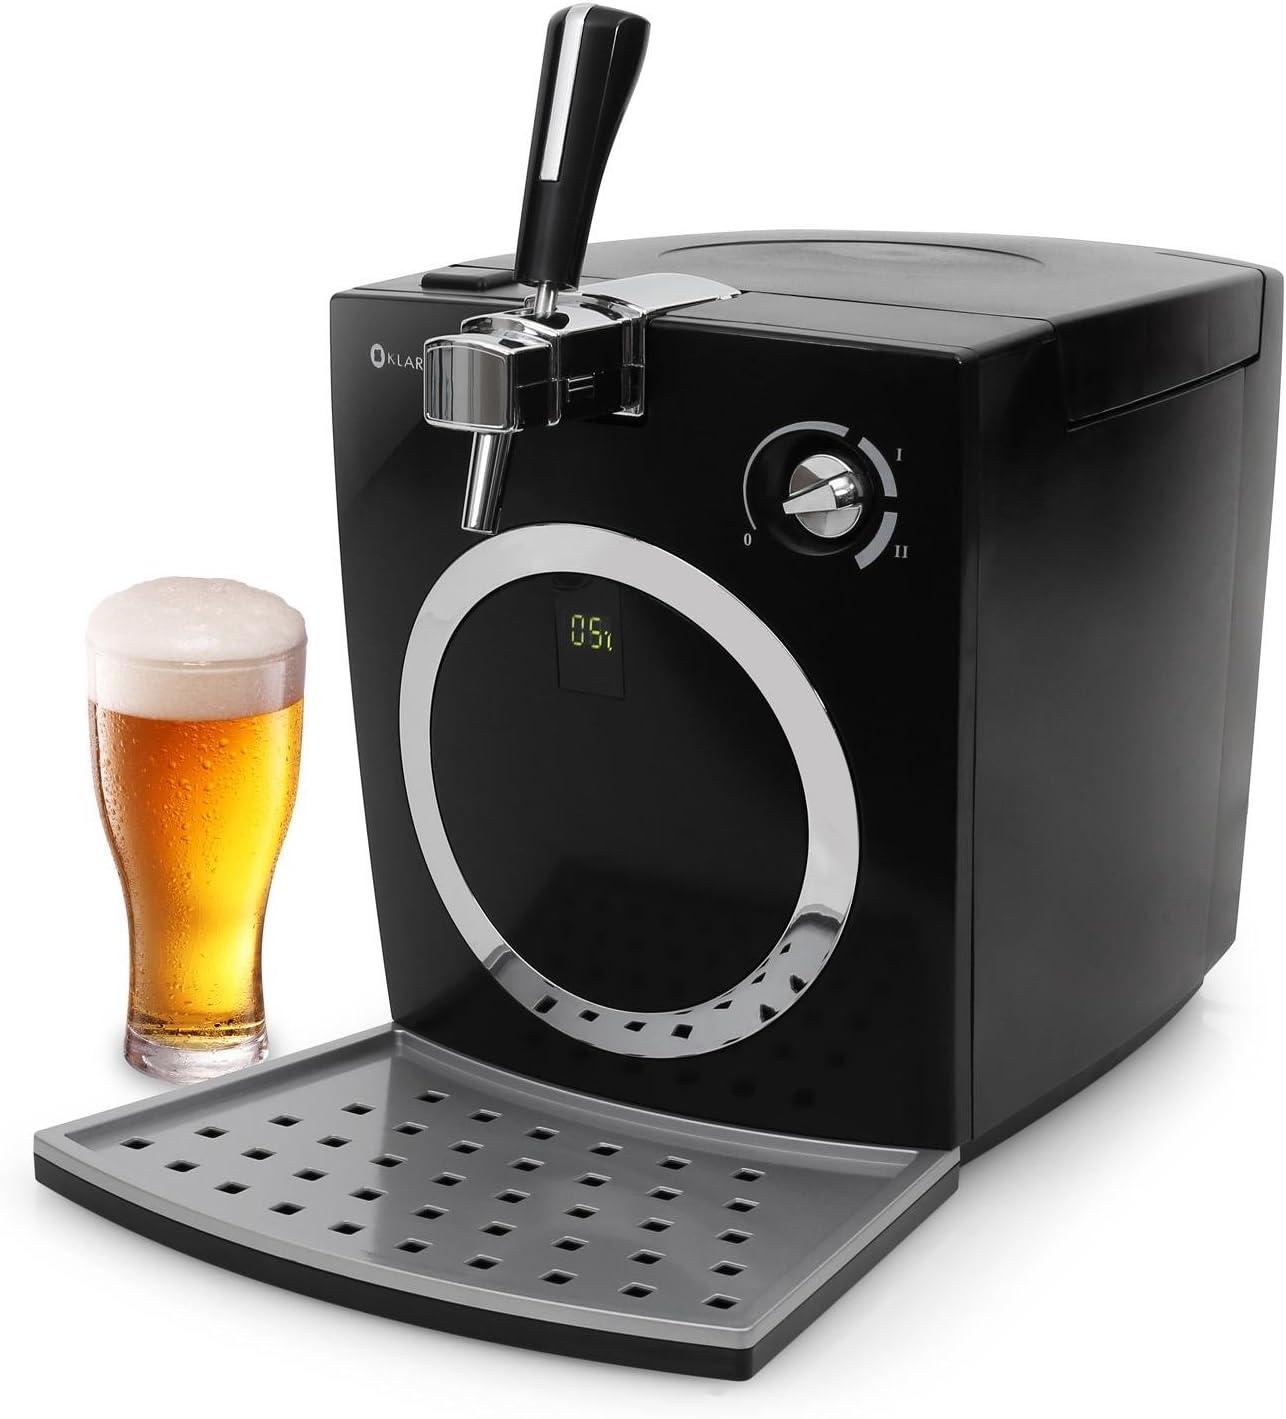 Klarstein Hopfenthal Tirador de cerveza - Dispesador regulable, Enfriador de jugo, Display LED, Barriles de 5L, Funcionamiento silencioso, Bombeo sin cartuchos de dióxido de carbono, Negro